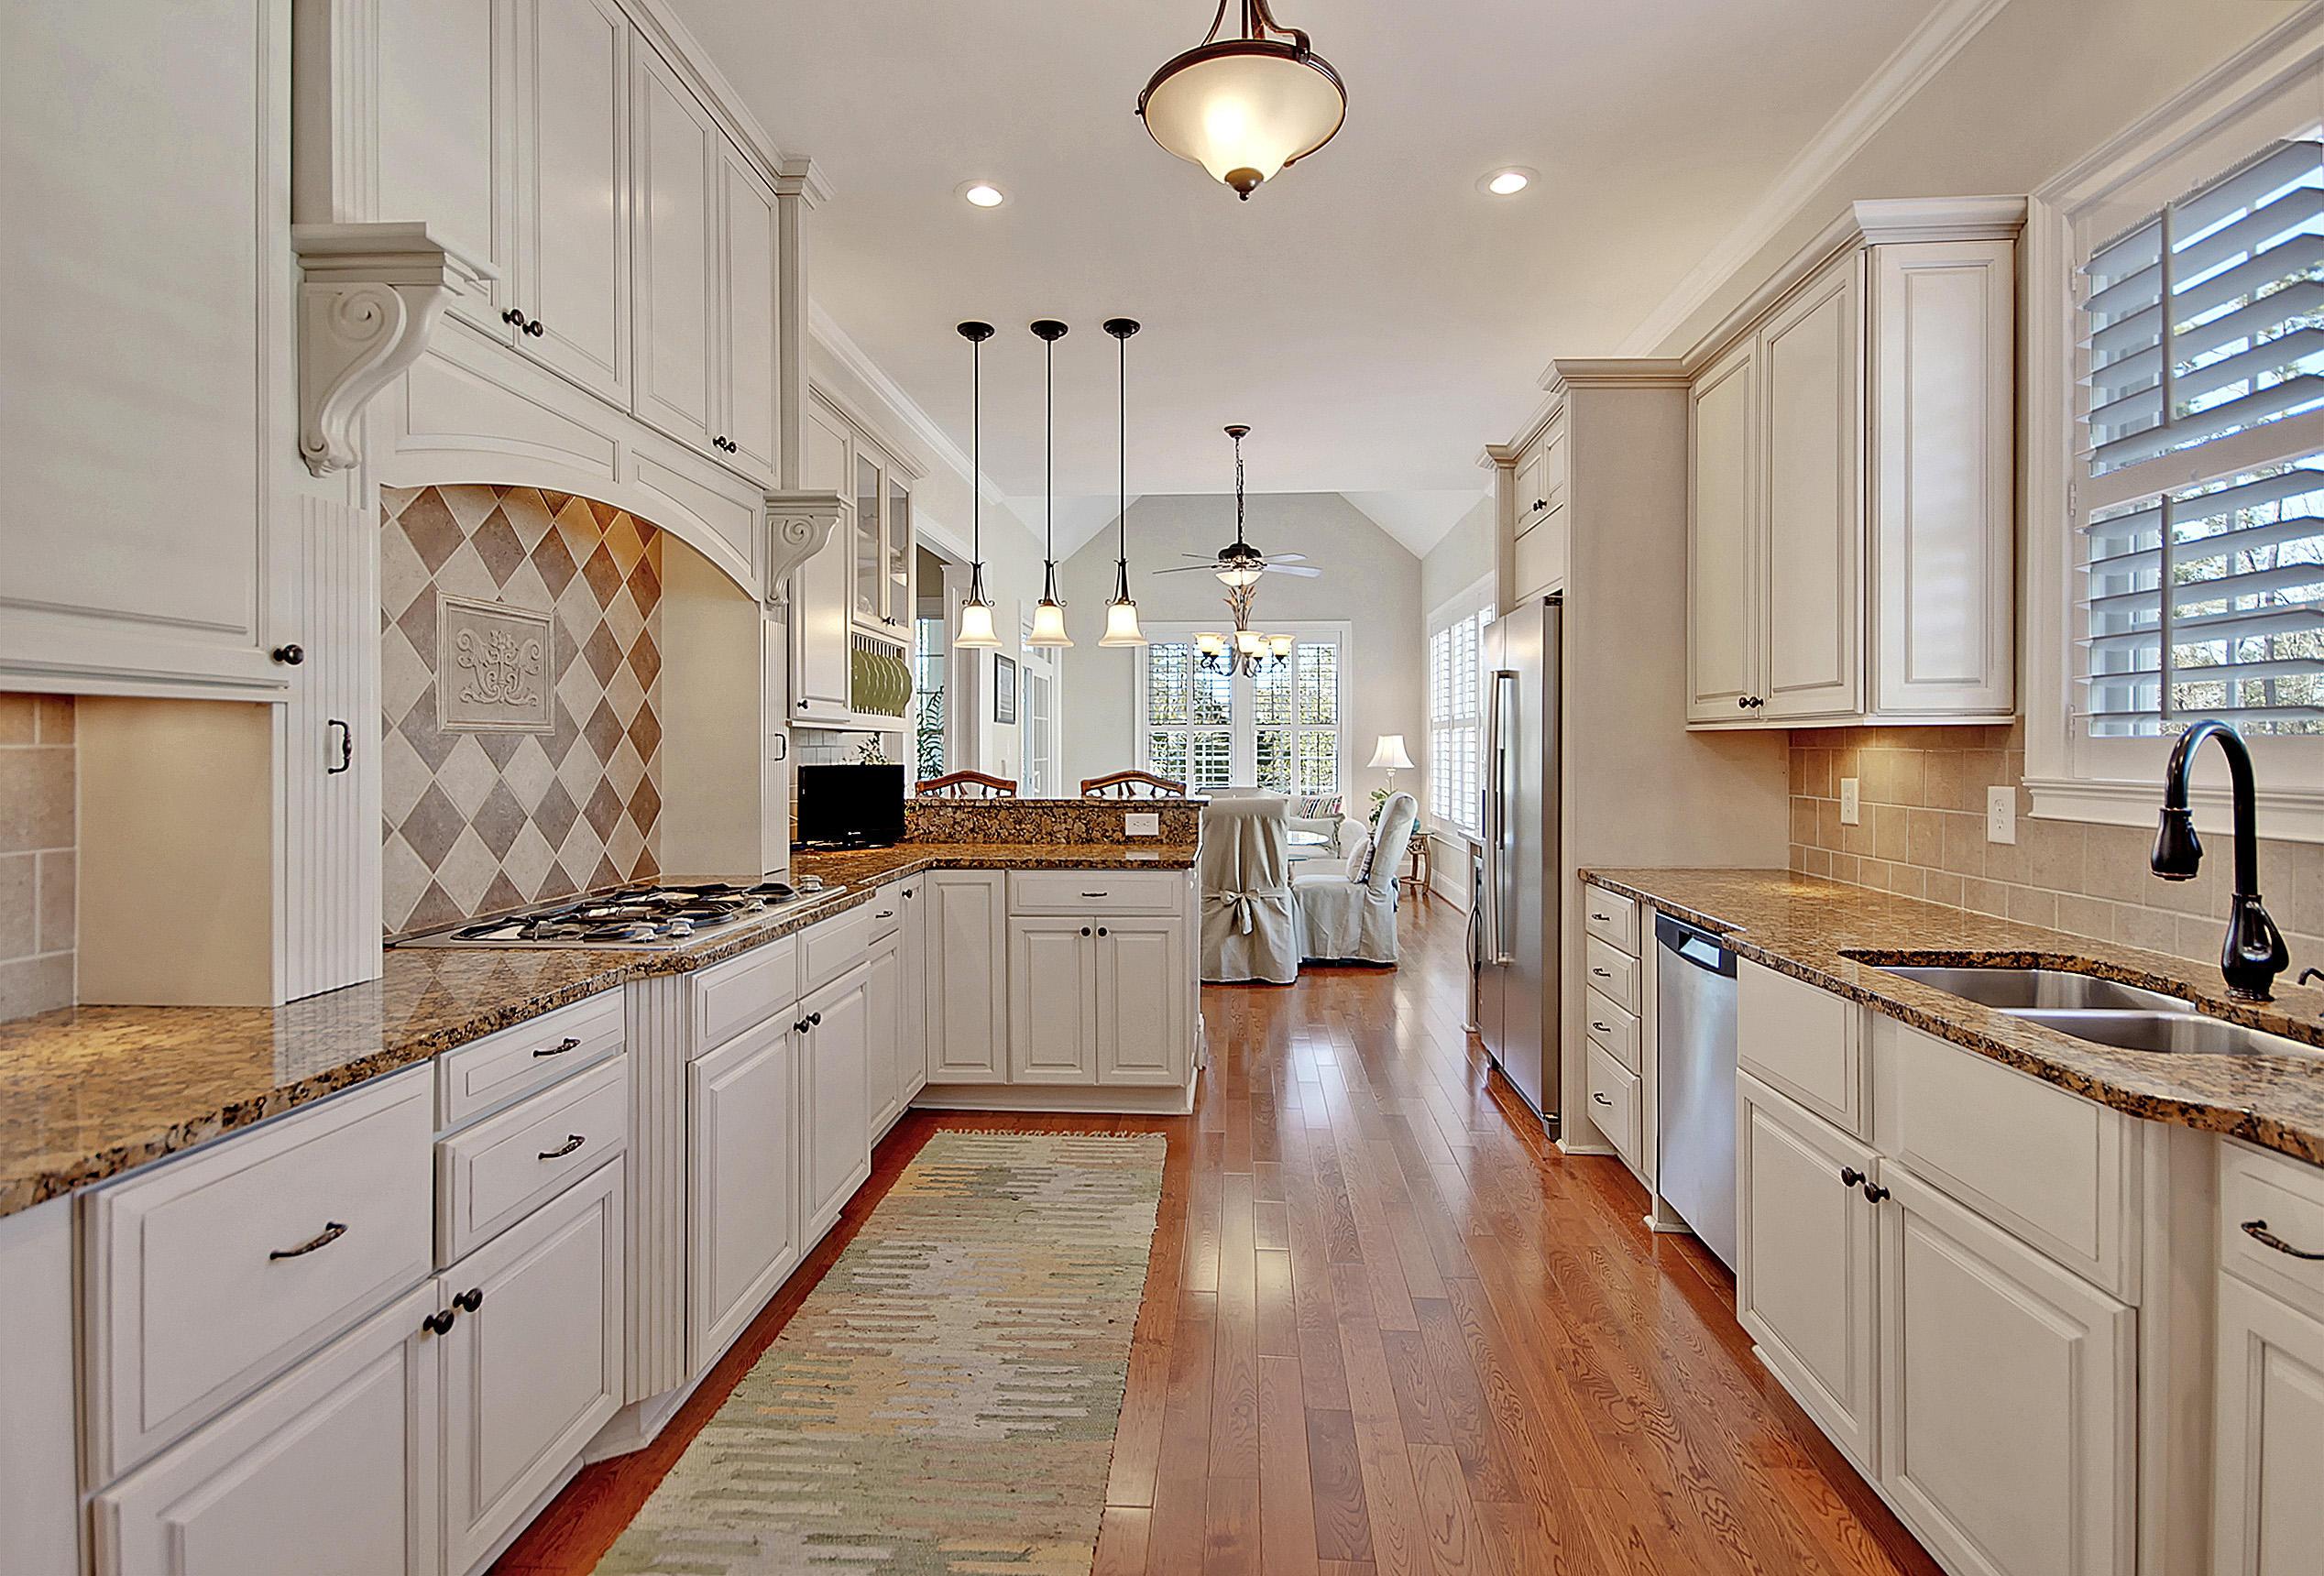 Dunes West Homes For Sale - 2721 Fountainhead, Mount Pleasant, SC - 9